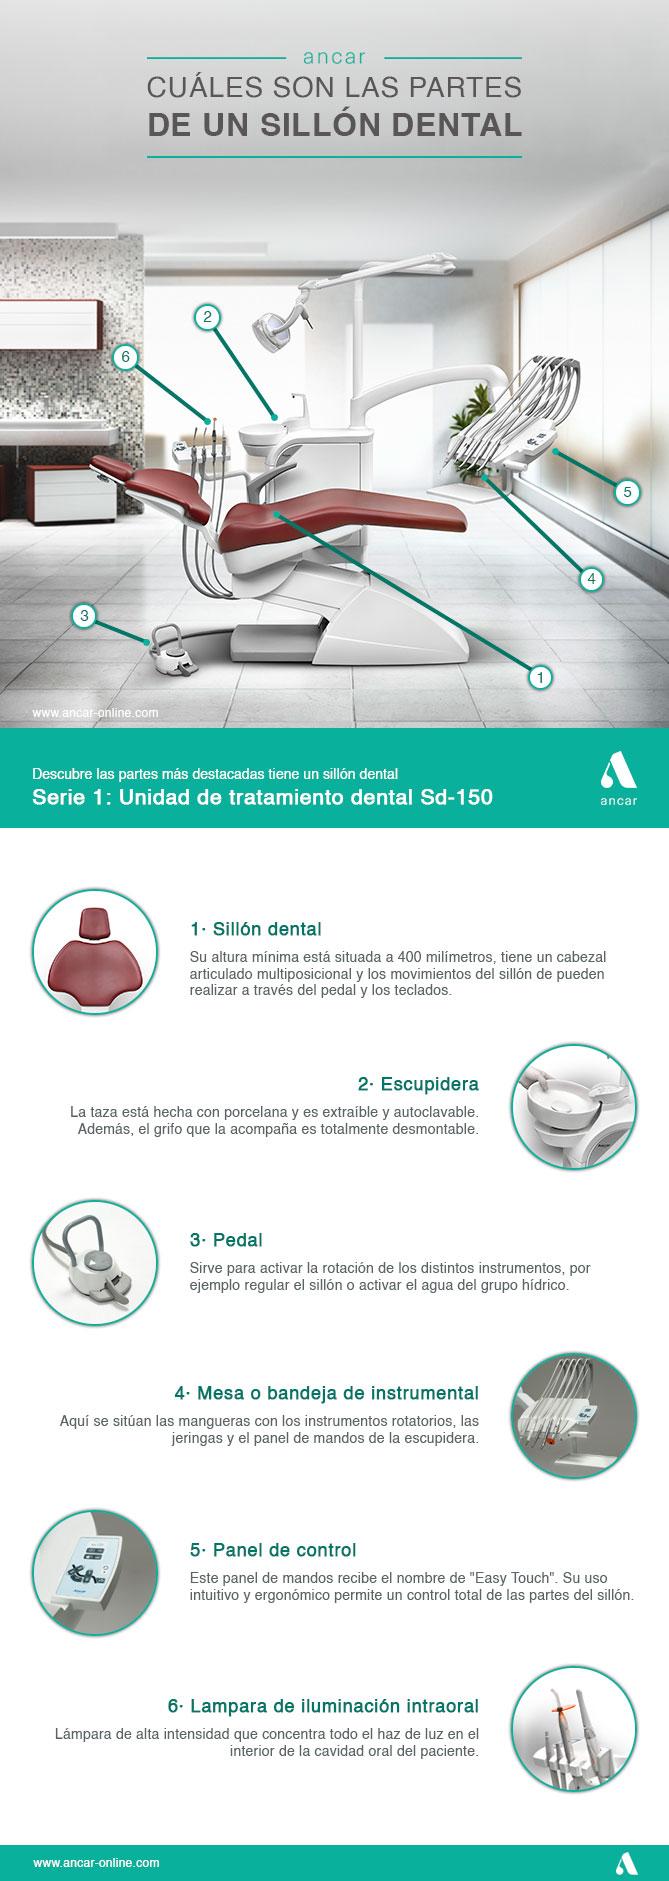 infografia-ancar-partes-sillon-serie-1